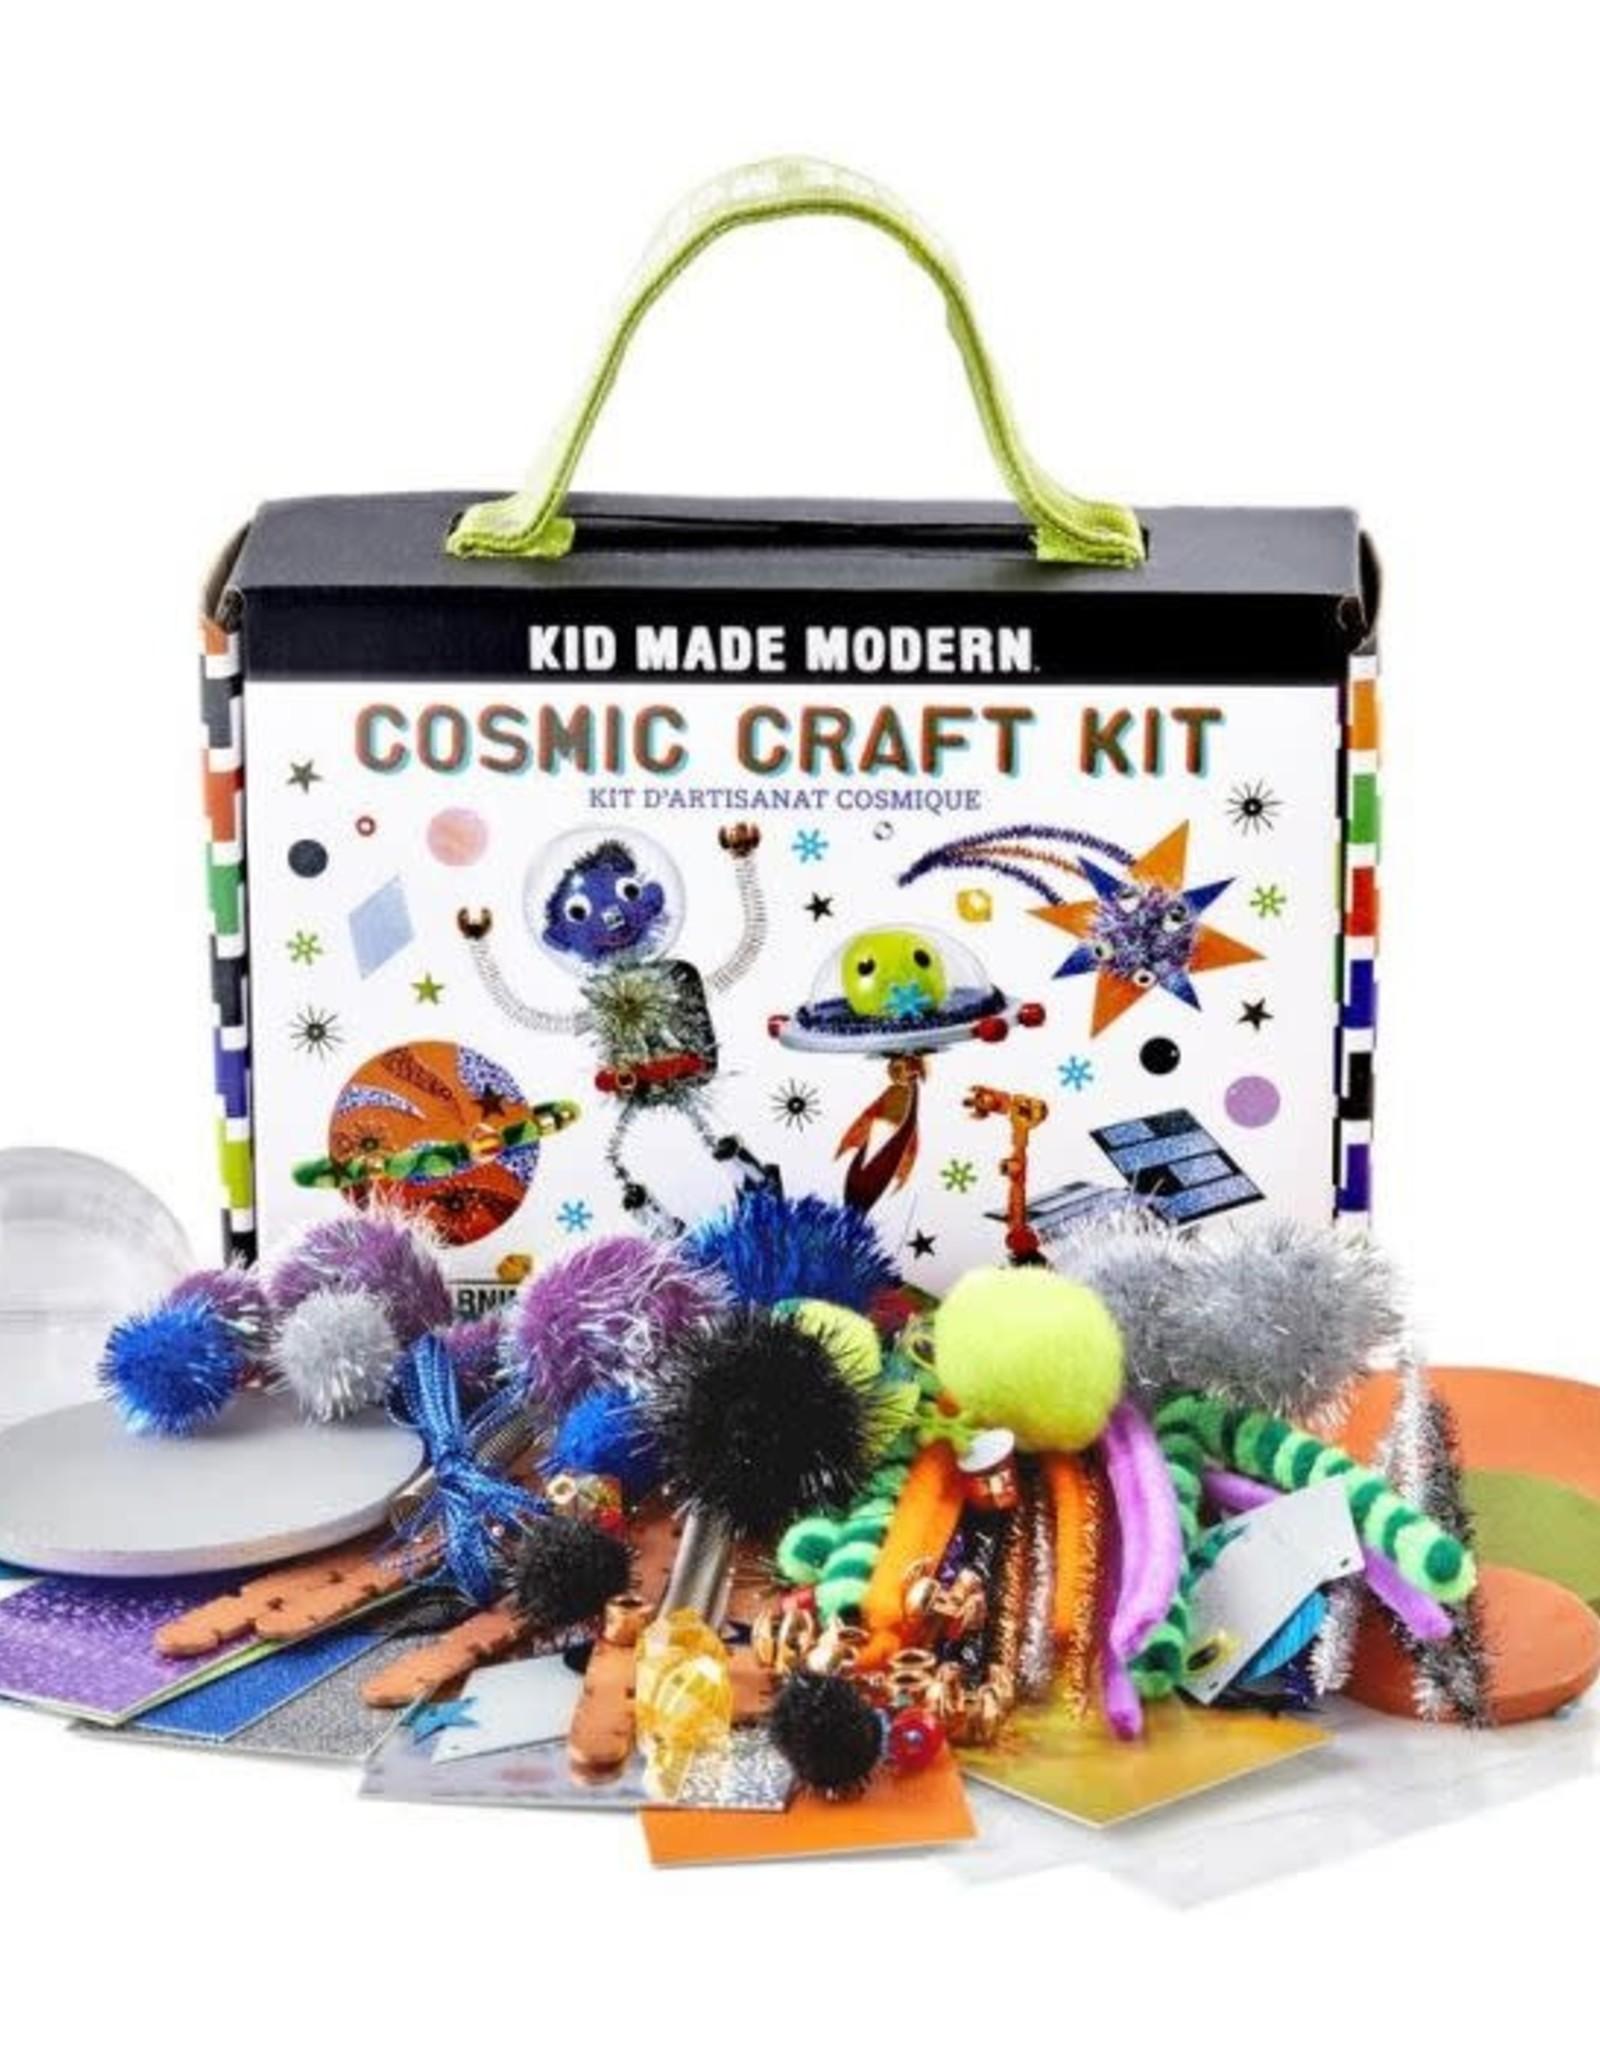 Kids Made Modern Cosmic Craft Kt